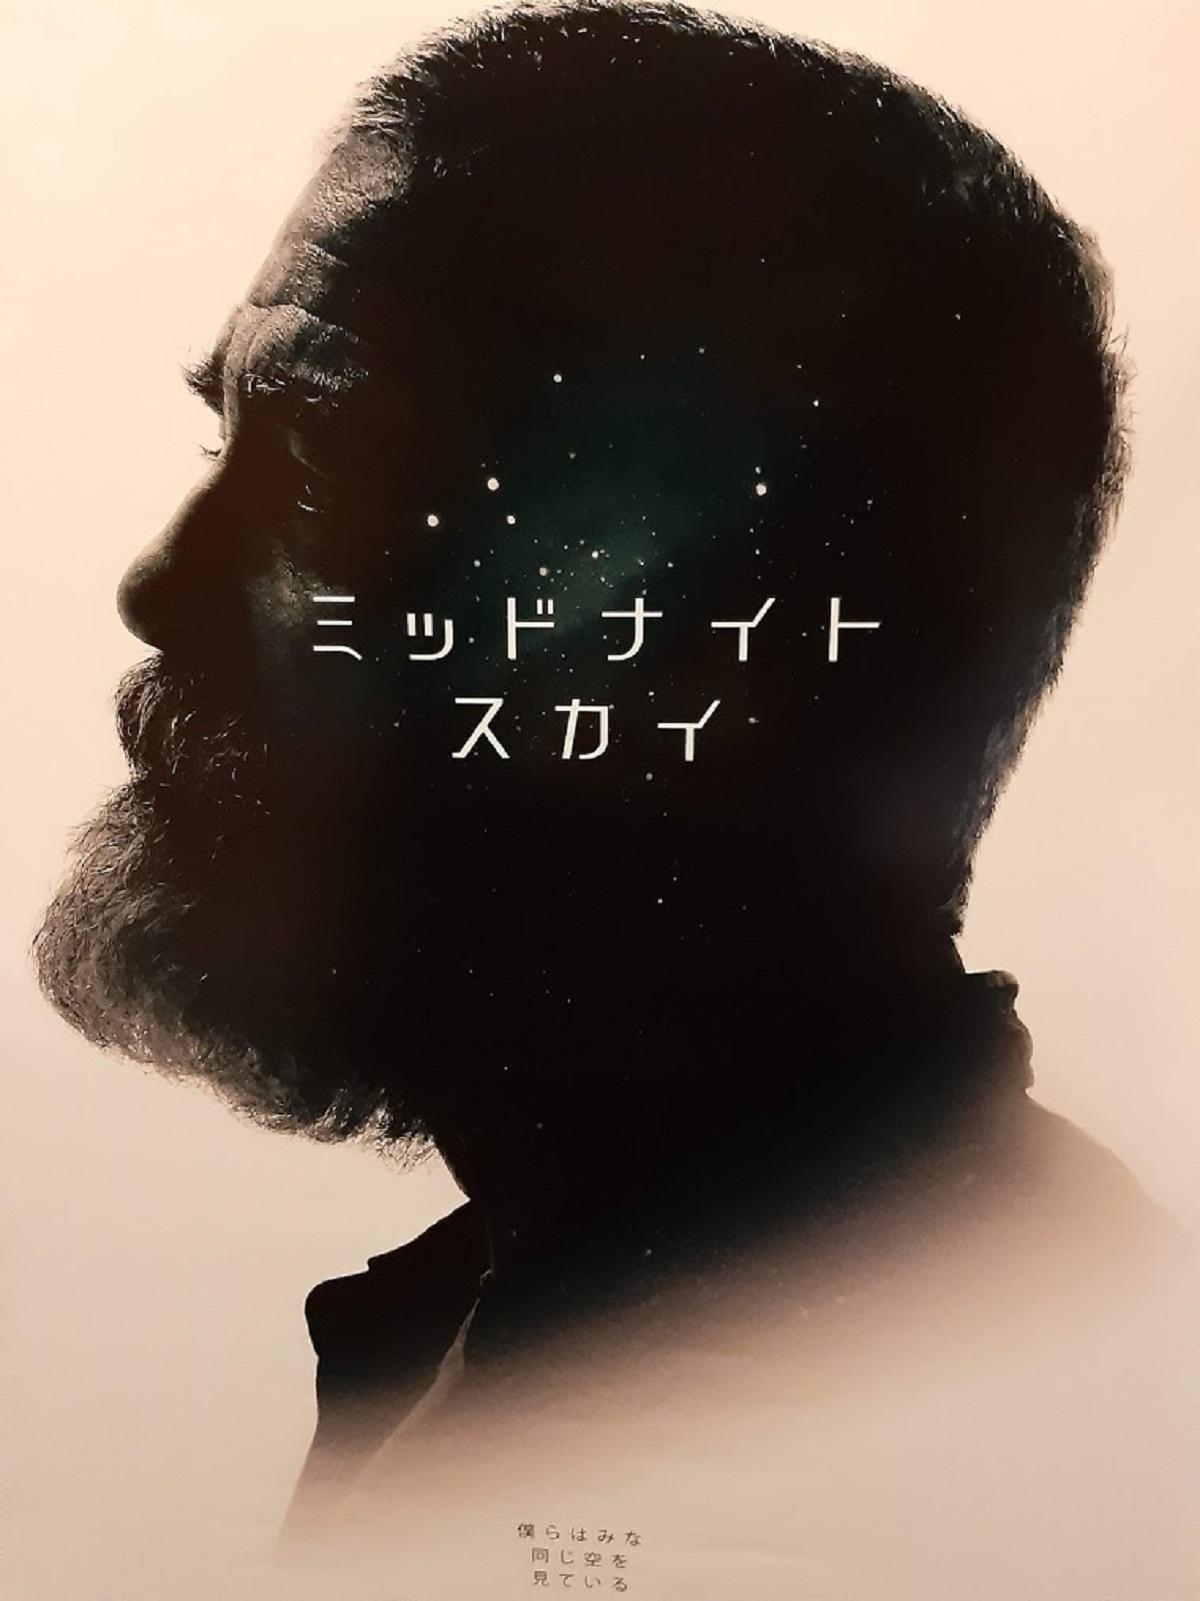 映画『ミッドナイトスカイ』のチラシポスター